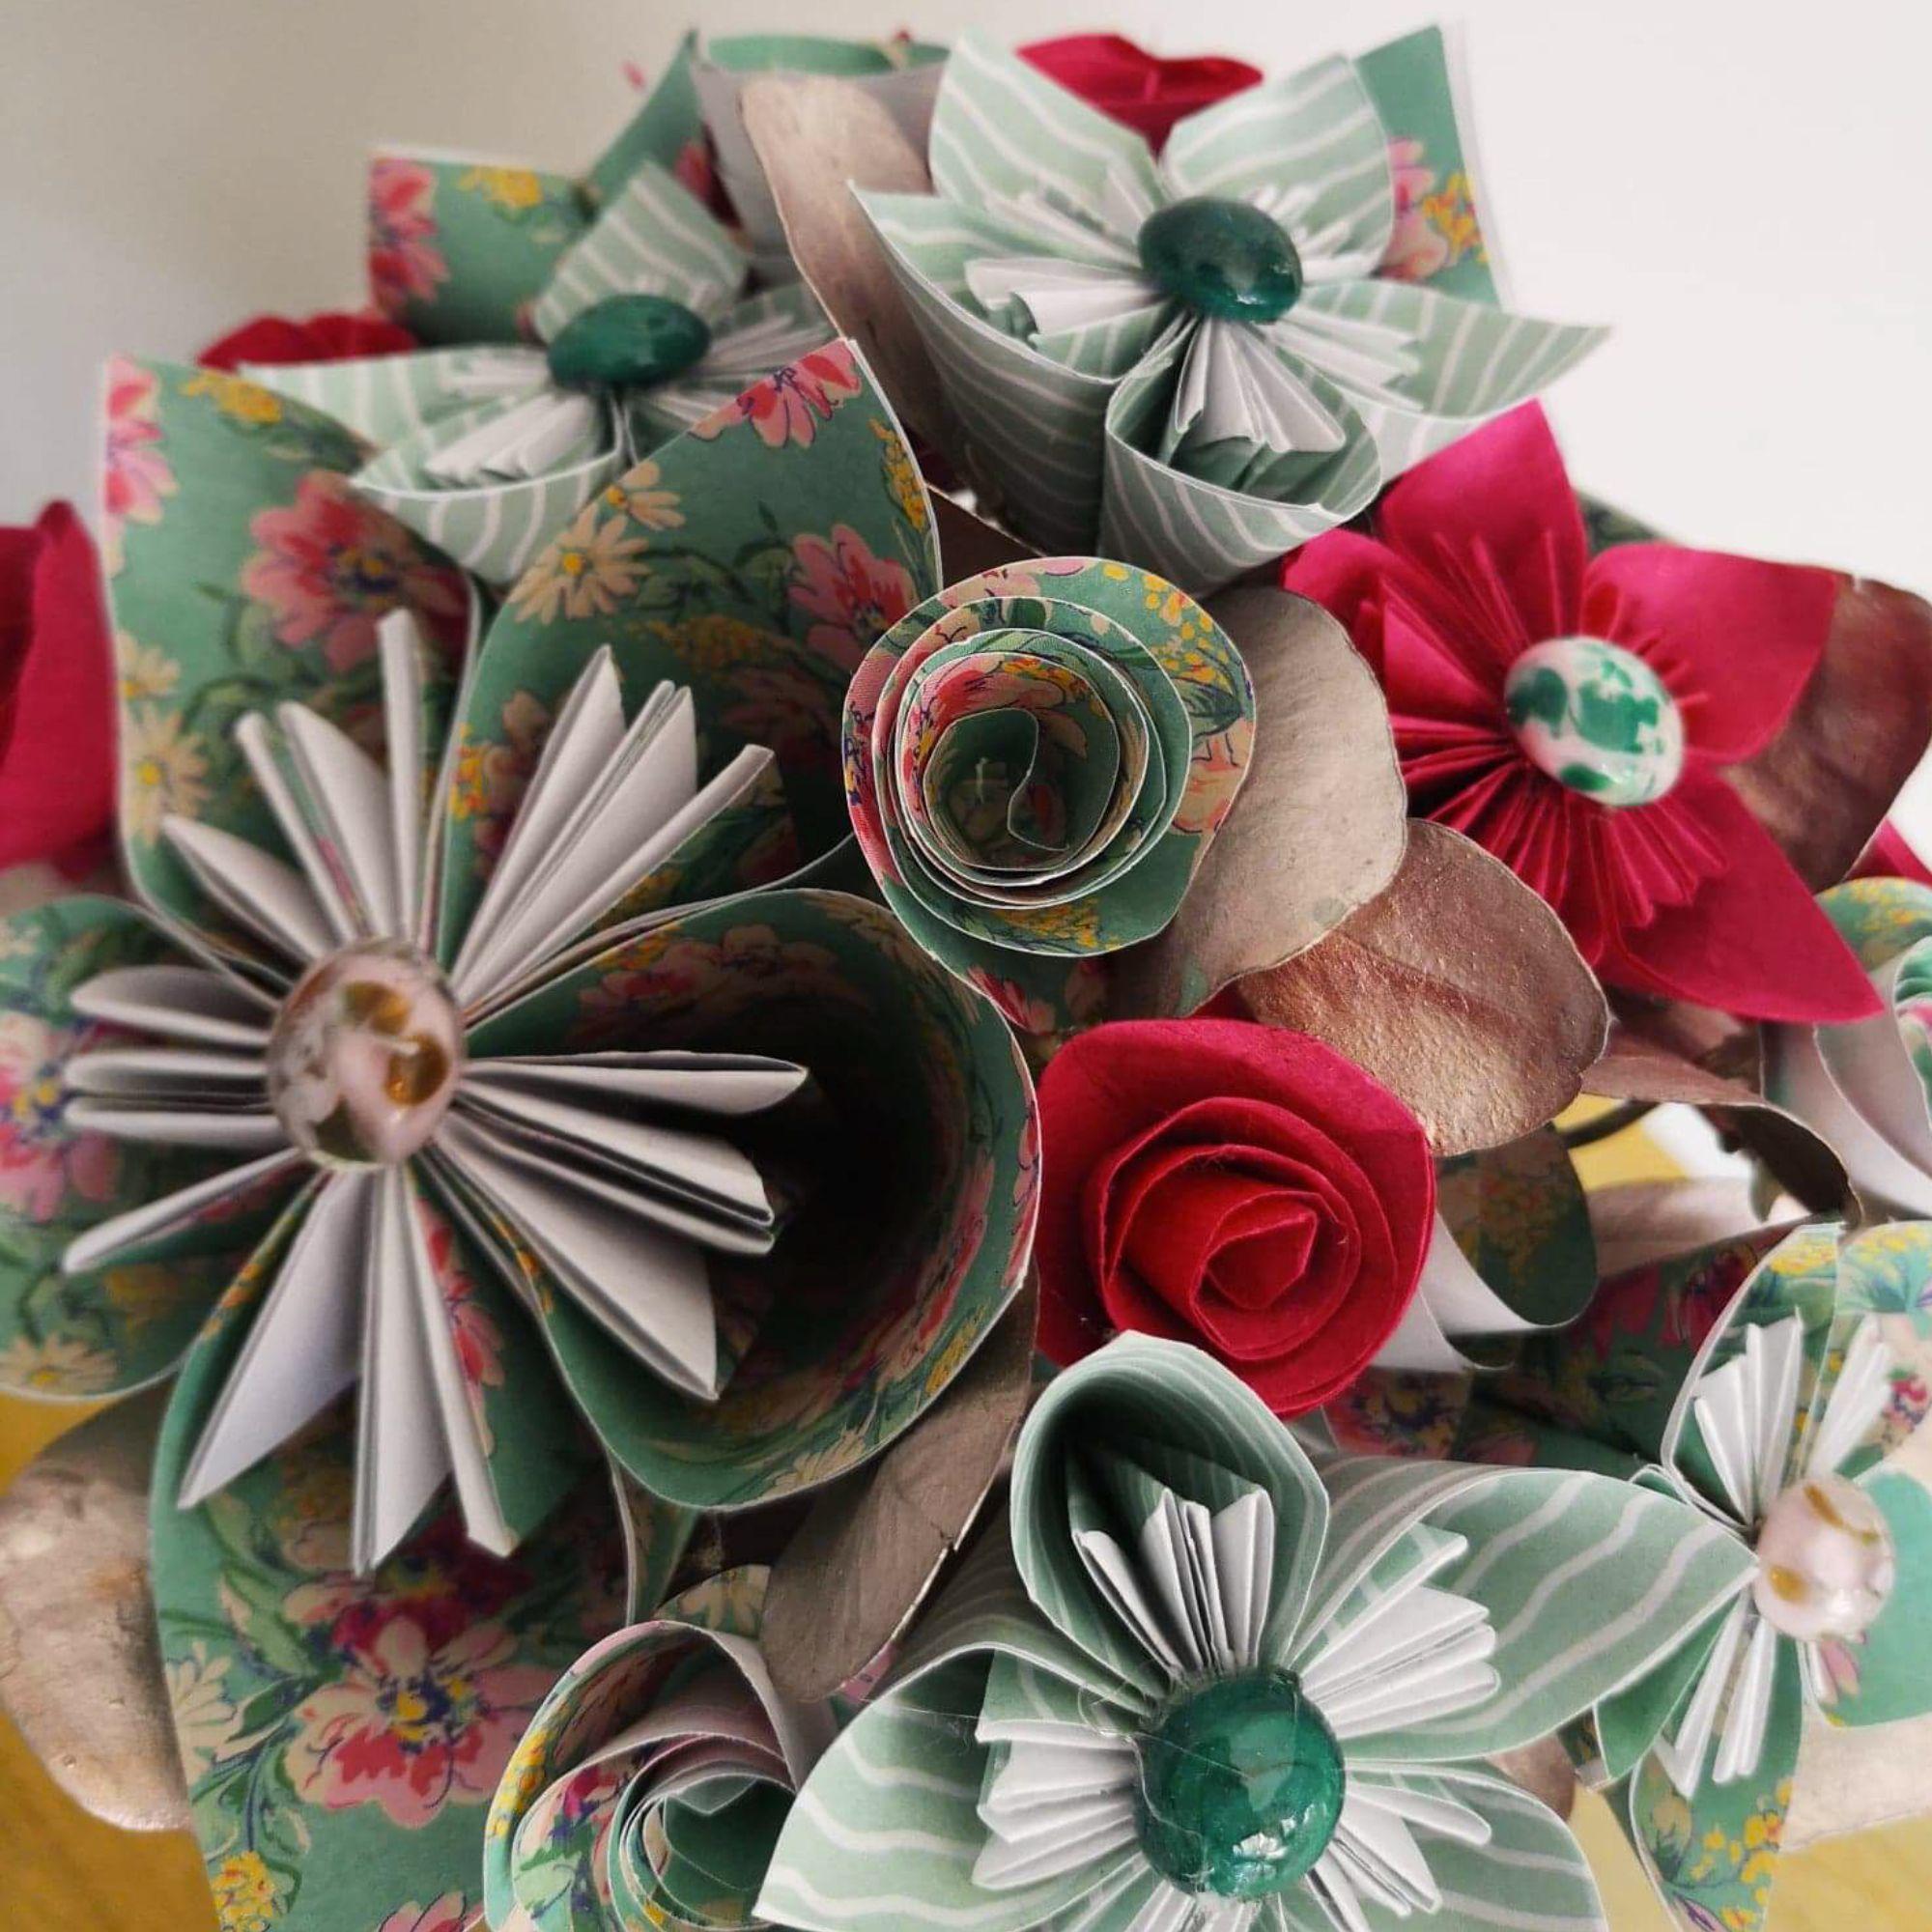 D/écoration De Bouquet De Fleurs De Gypsophile Fleur S/èche Naturelle Ornement De Fleurs S/éch/ées Pour Mariage De Bureau De Table Cadeau Danniversaire De Bouquet De Fleurs S/èches D/étoiles